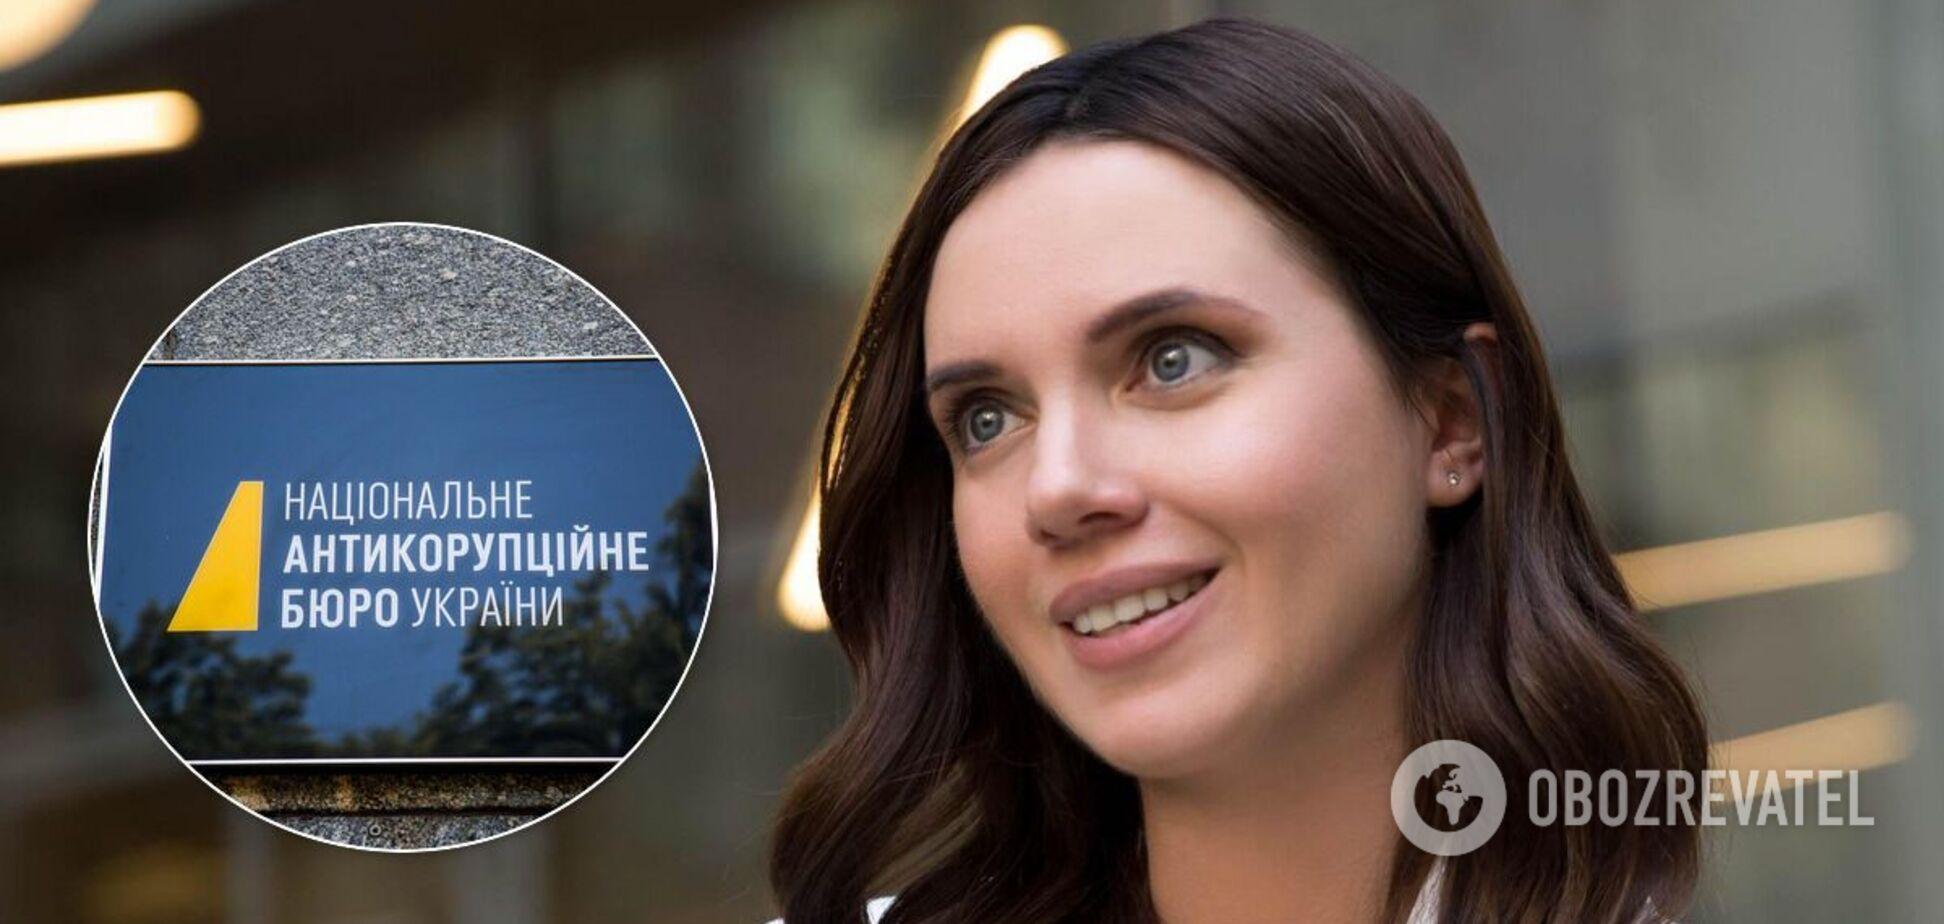 На думку Соколової, в НАБУ потрібно викликати главу ОП